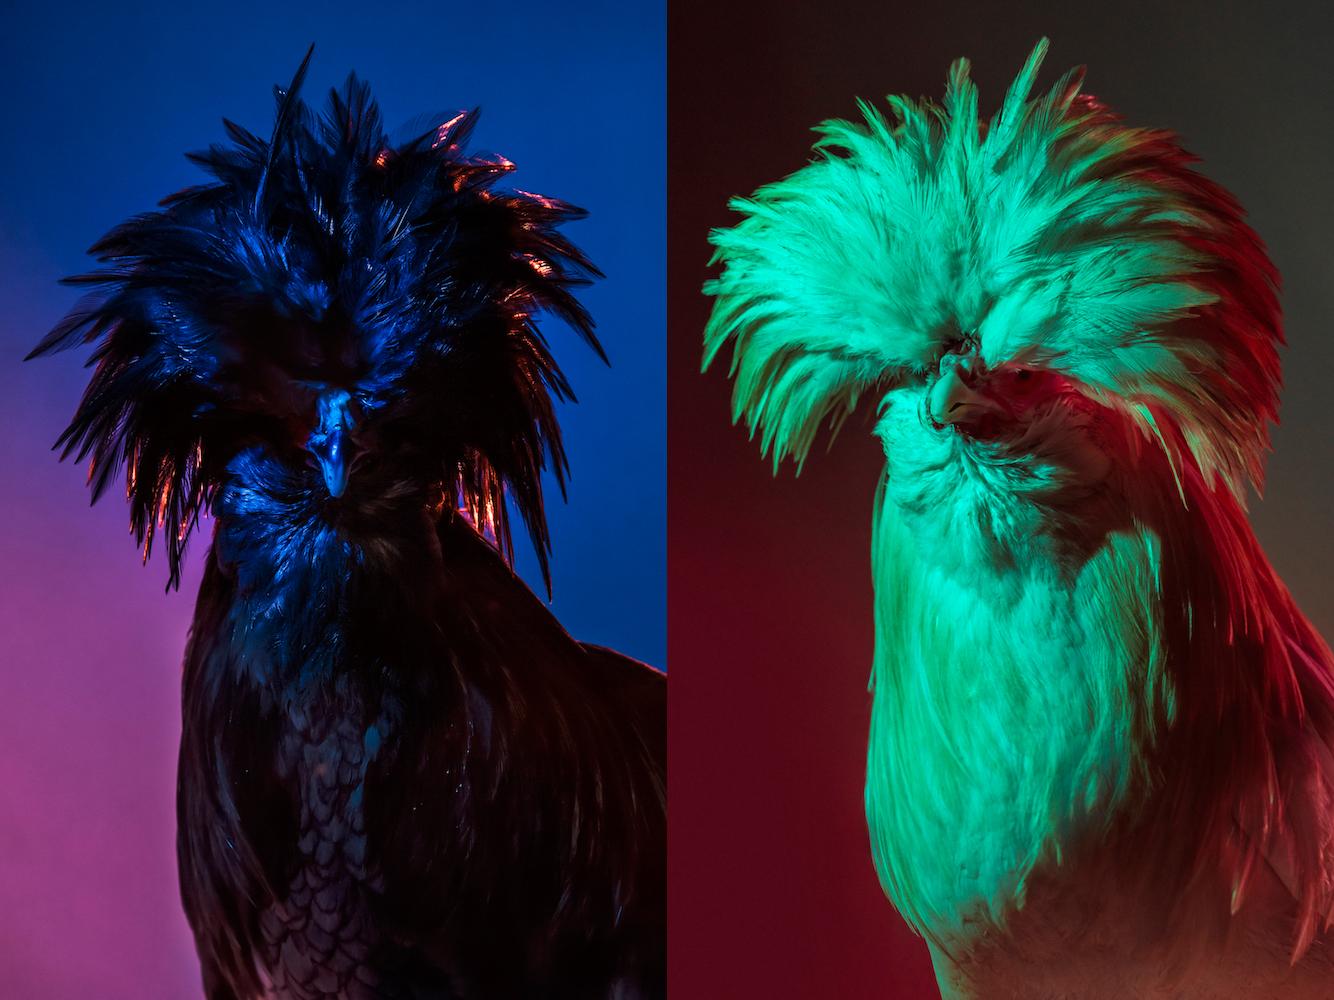 Chic Chicks ©Dan Bannino - Tyson+Chick Norris.jpg